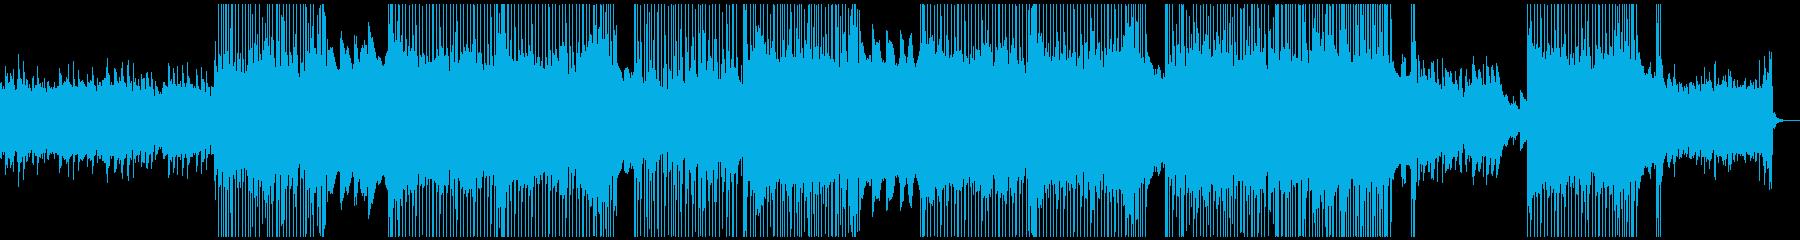 キャッチーなポップロックBGMの再生済みの波形